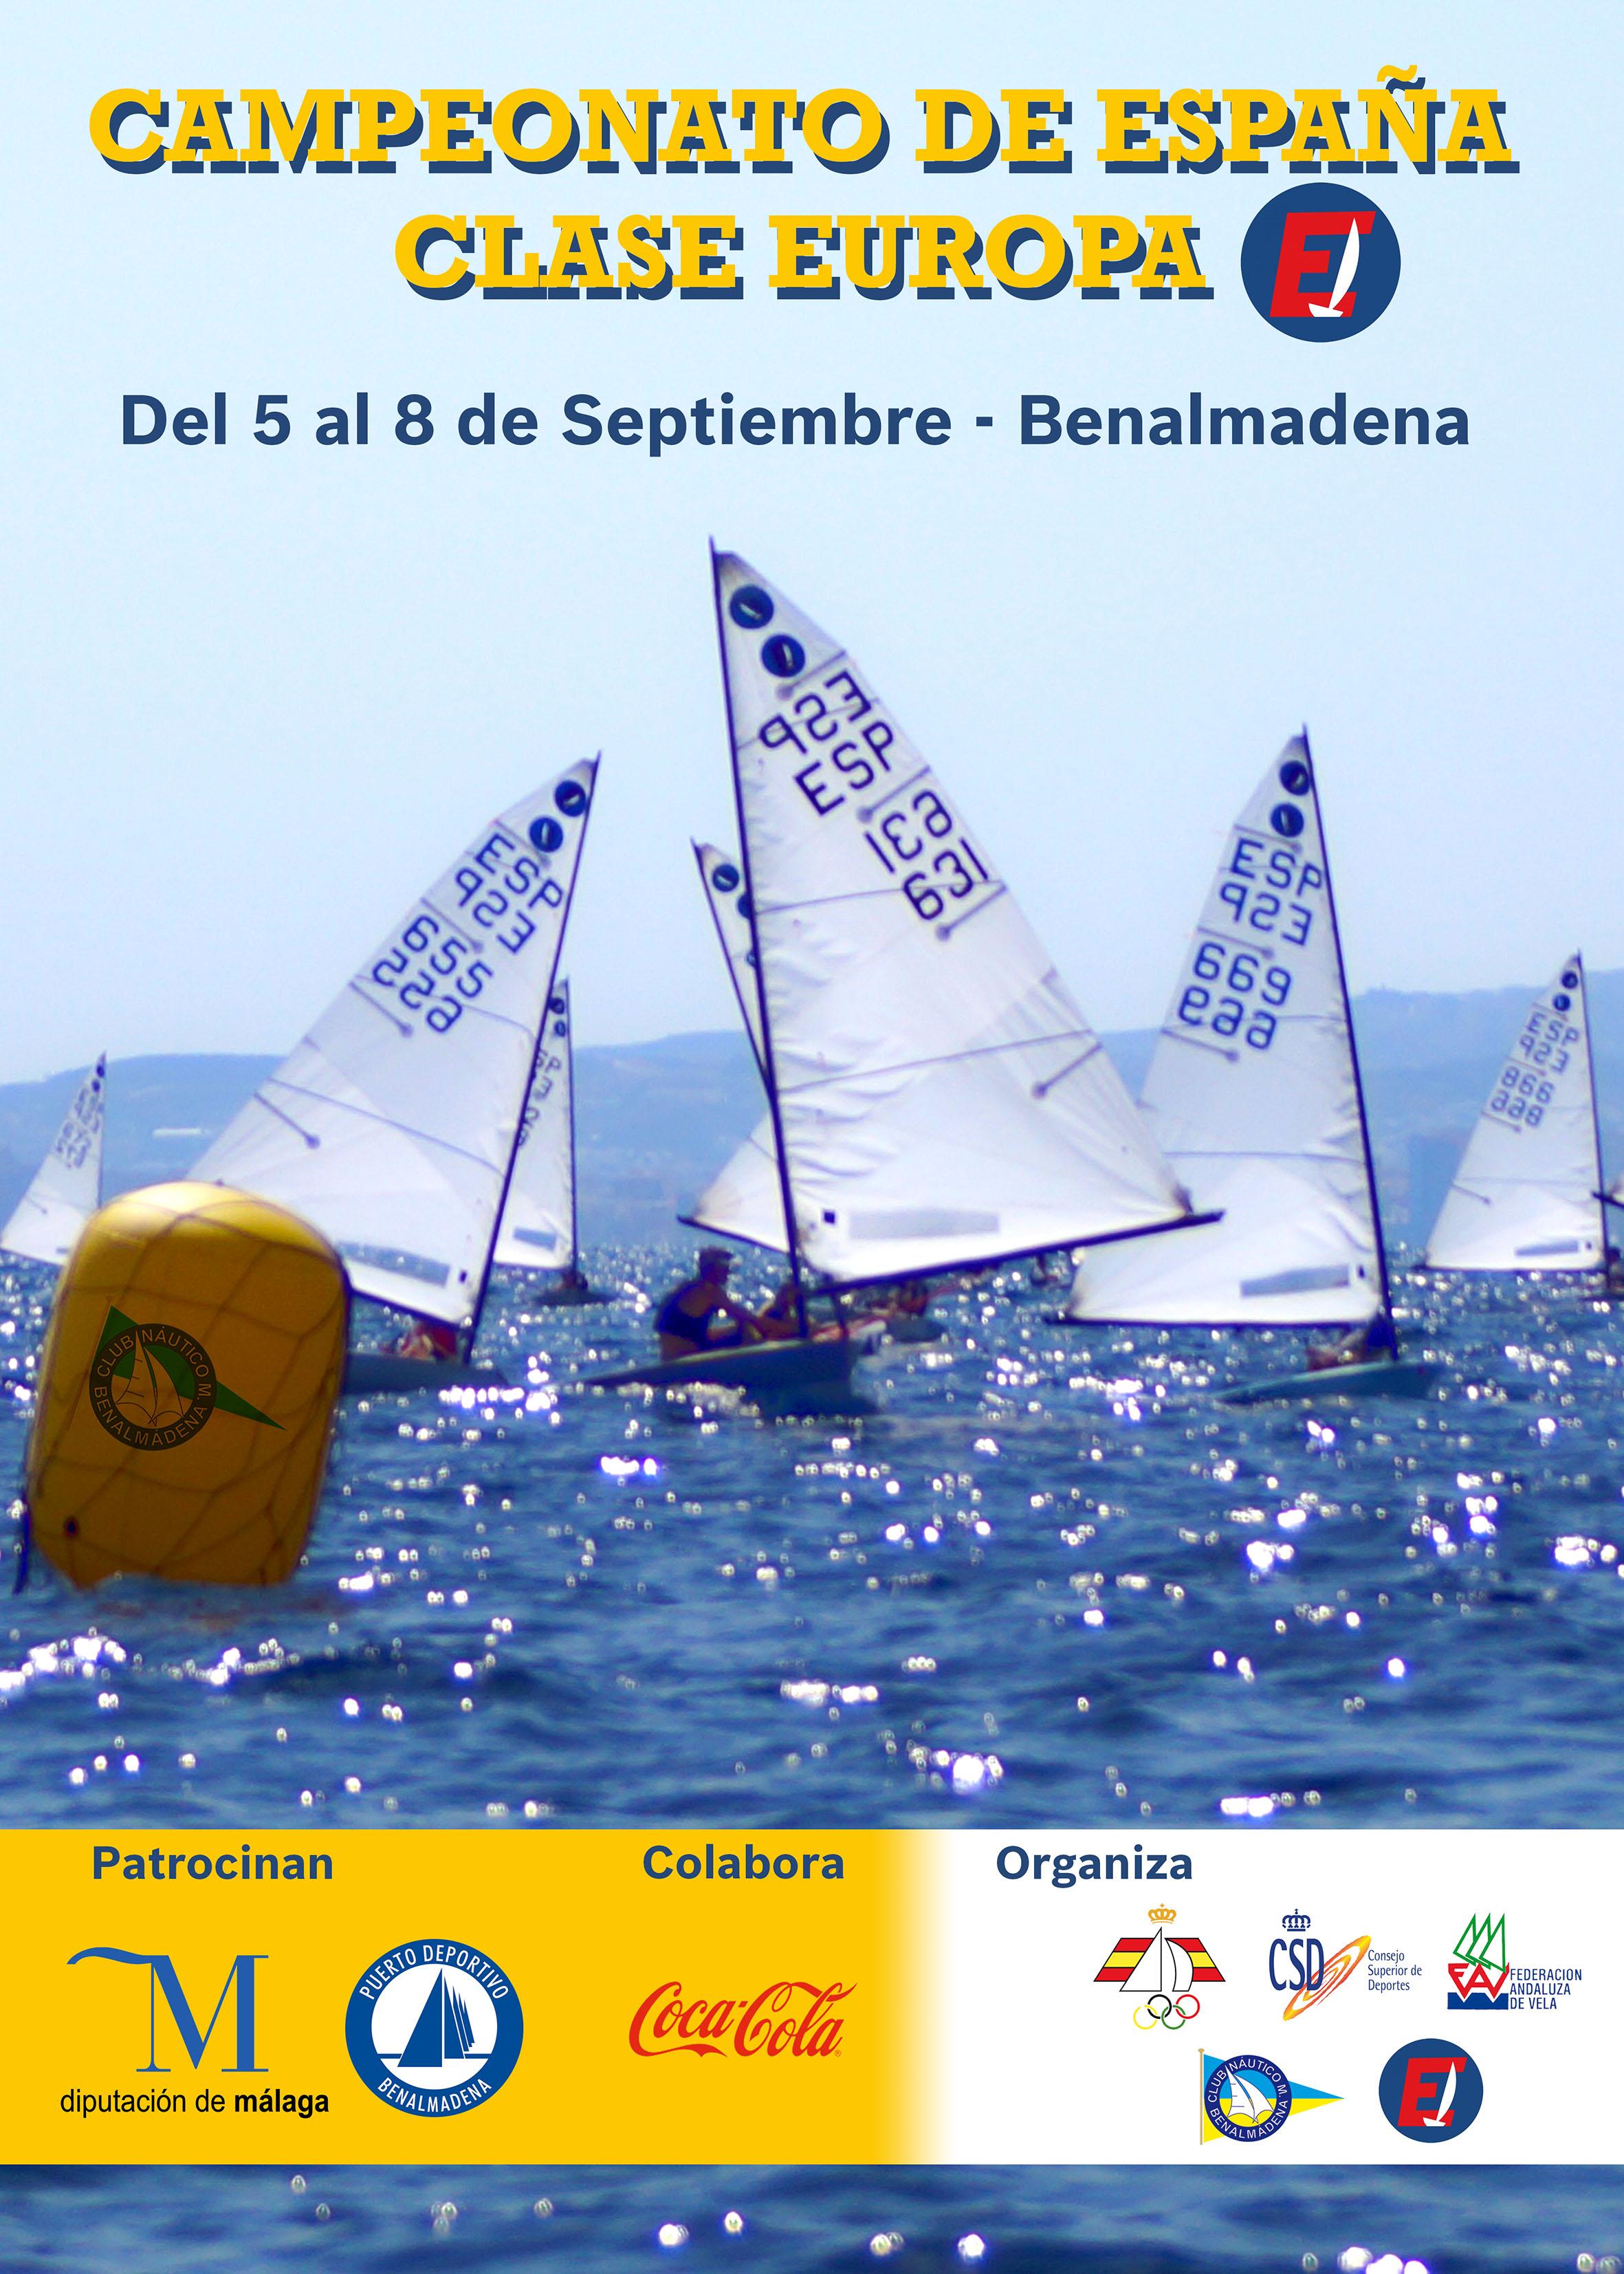 Campeonato De España De La Clase Internacional Europa.